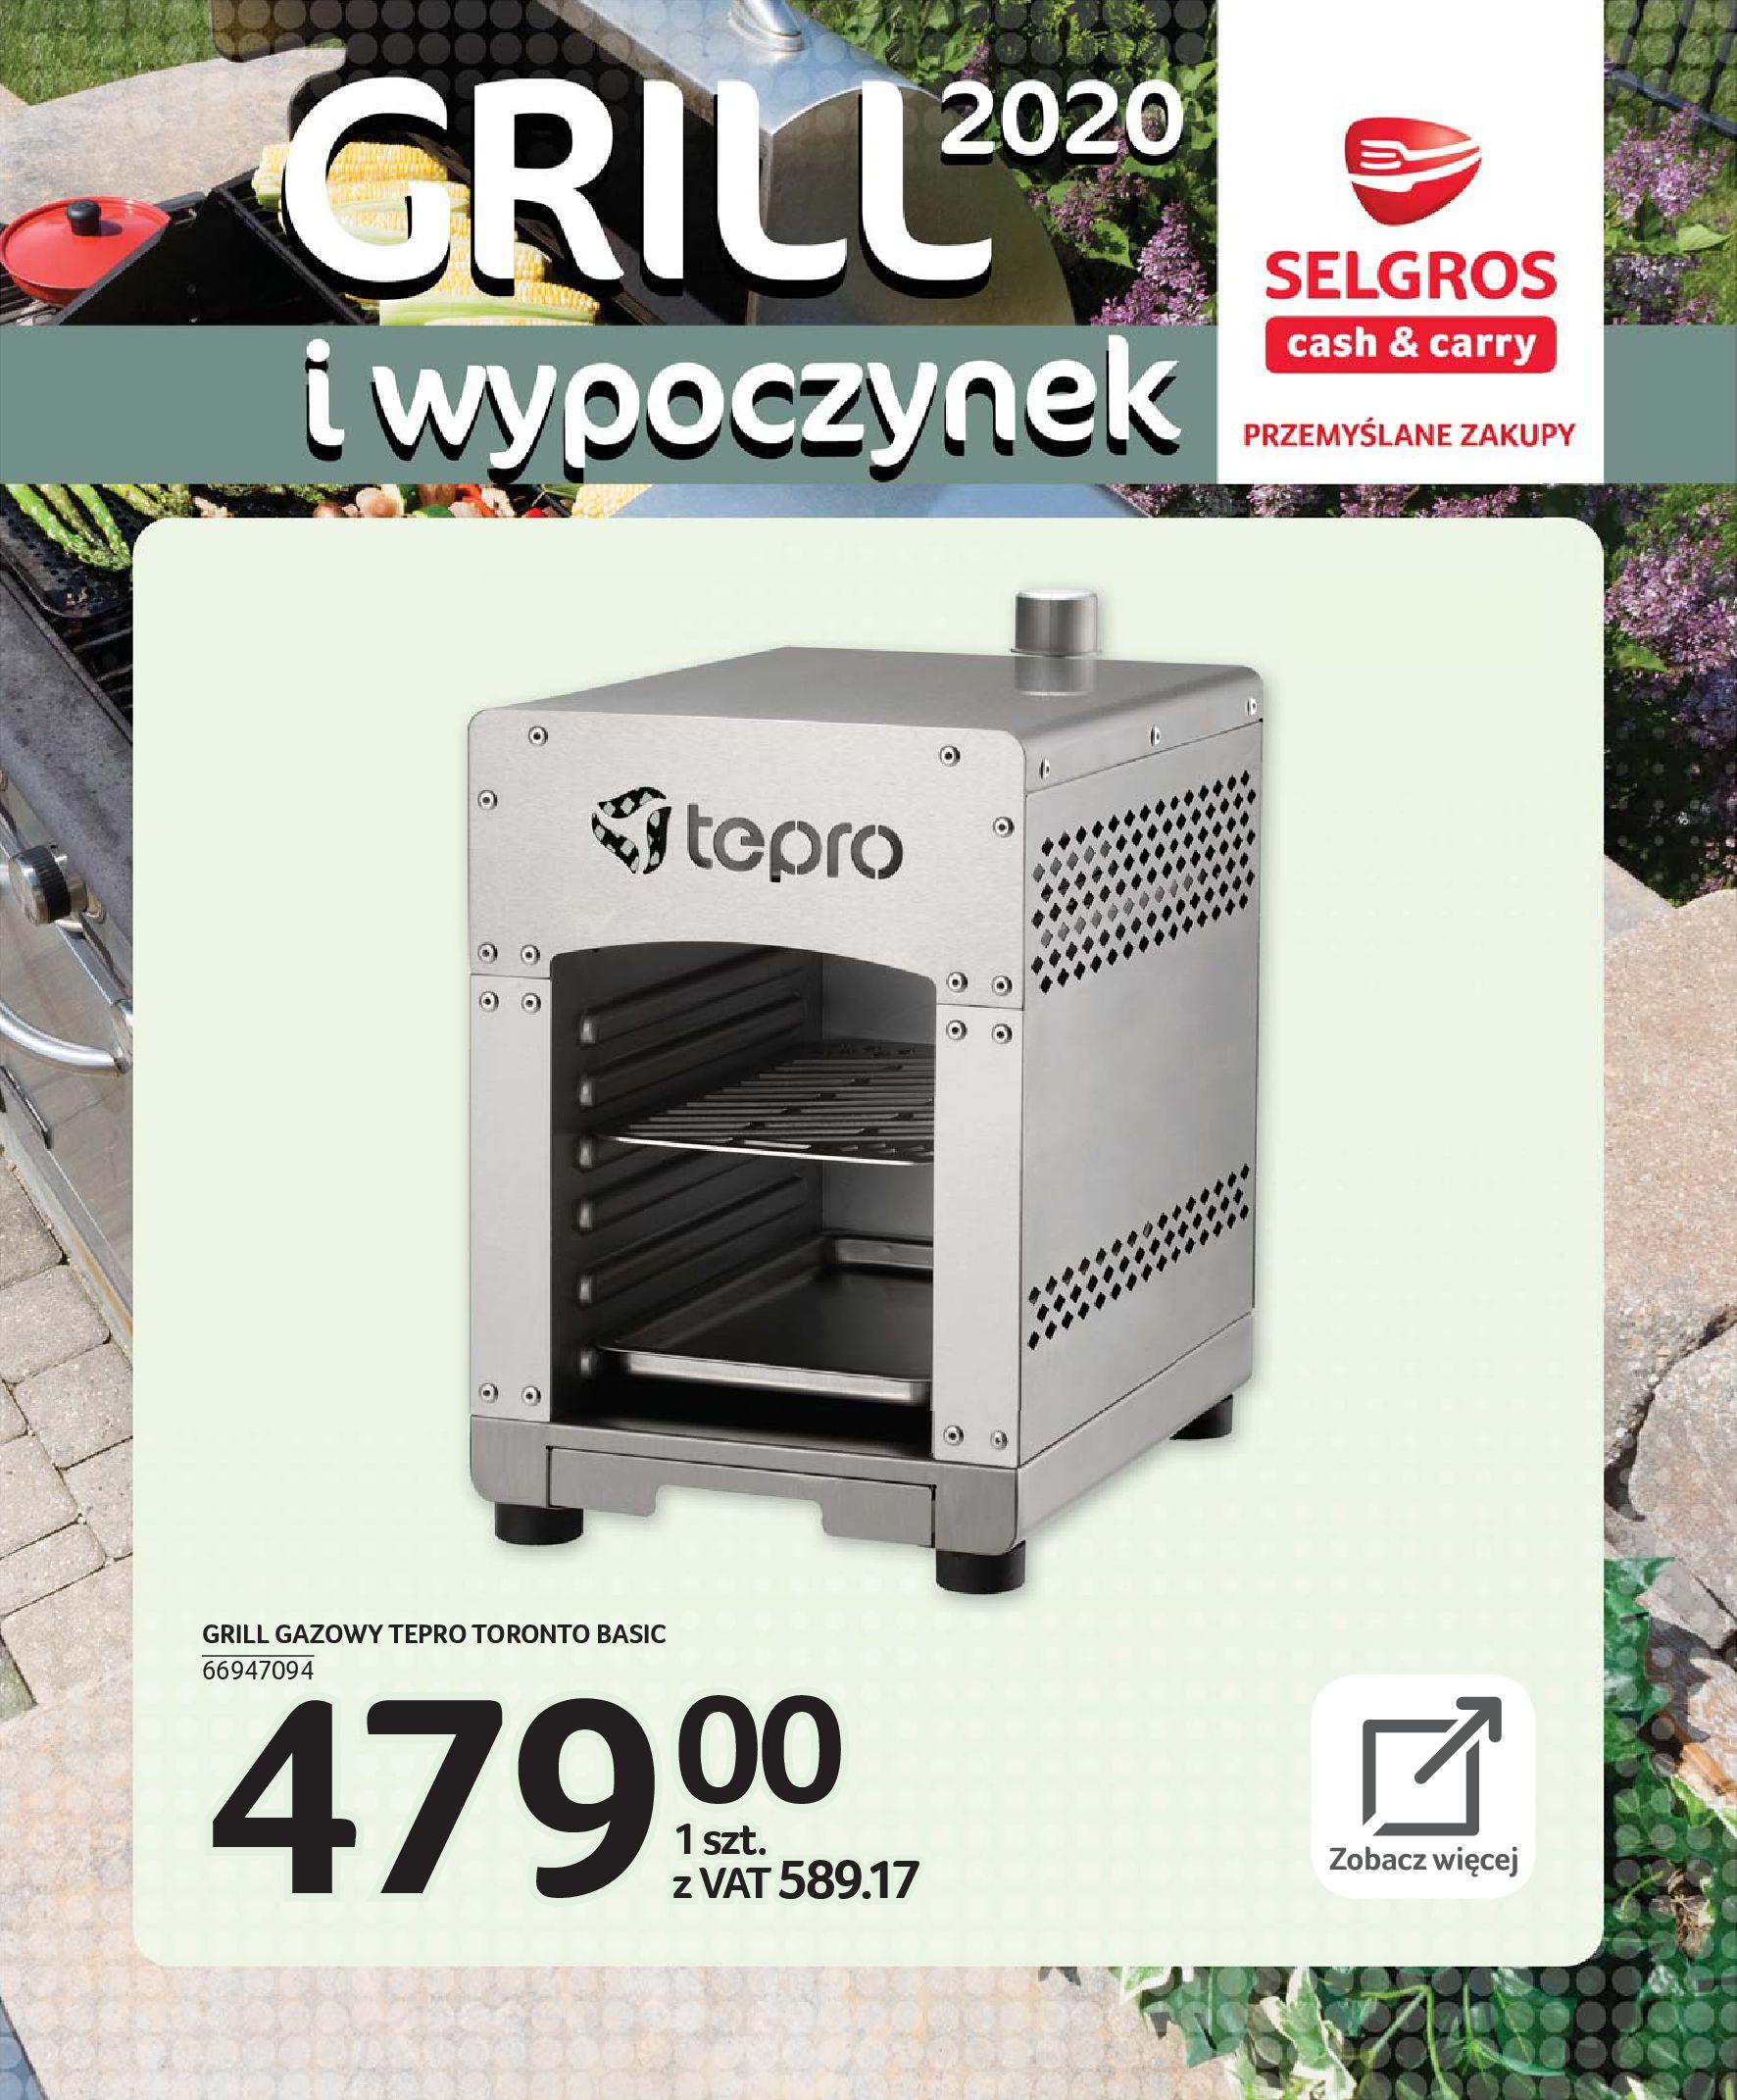 Gazetka Selgros - Katalog - Grill i wypoczynek-31.03.2020-31.08.2020-page-60